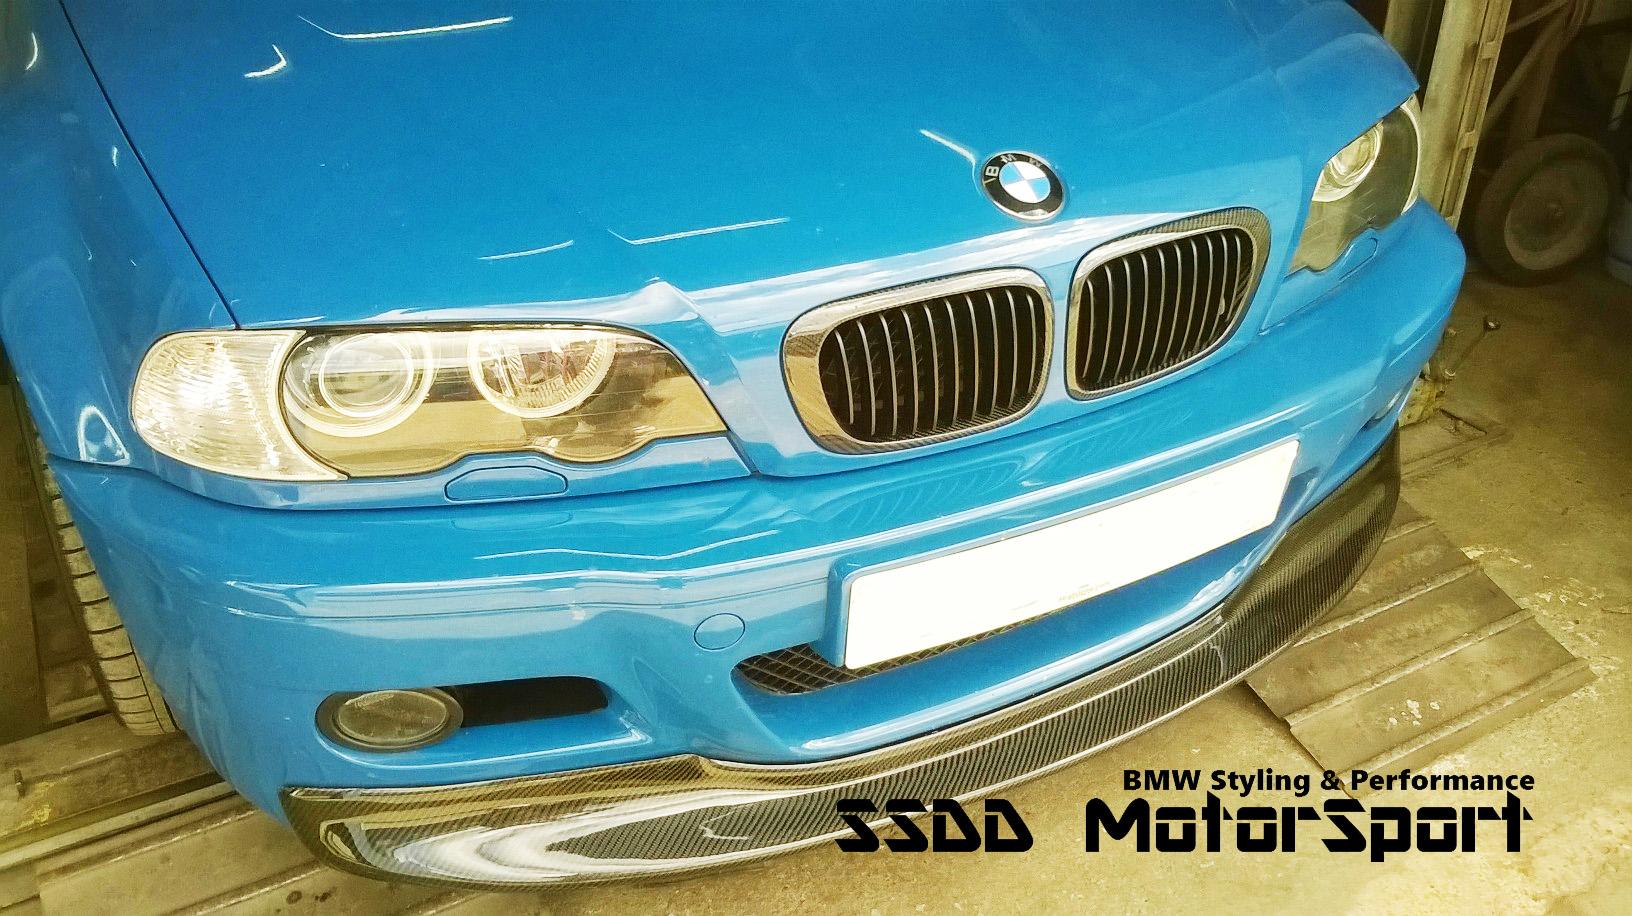 bmw-e46-m3-csl-front-lip-splitter-7.jpg